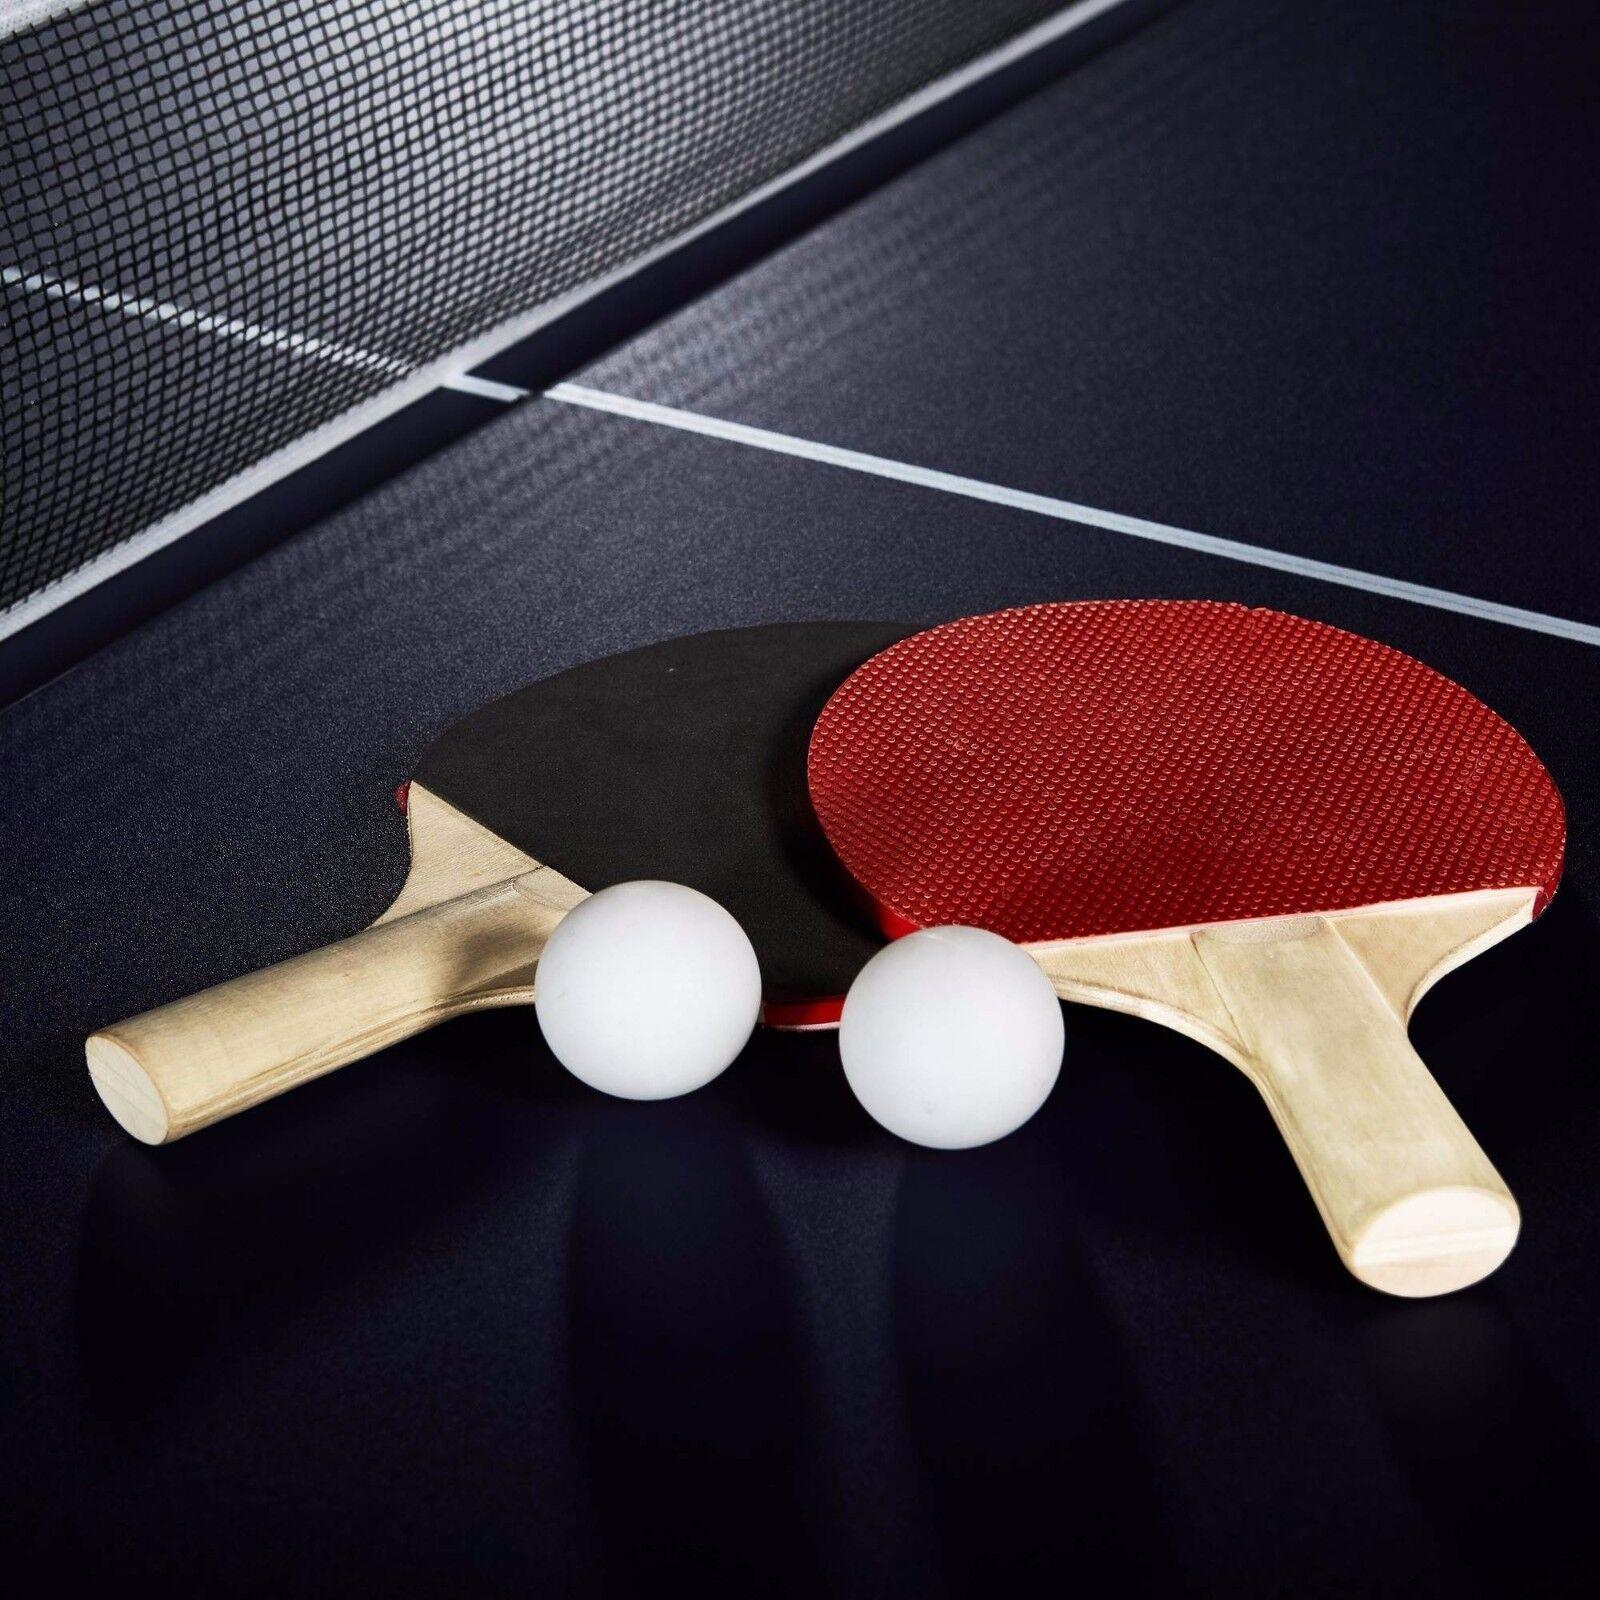 шримс картинки по настольному теннису миру отмечает торжество